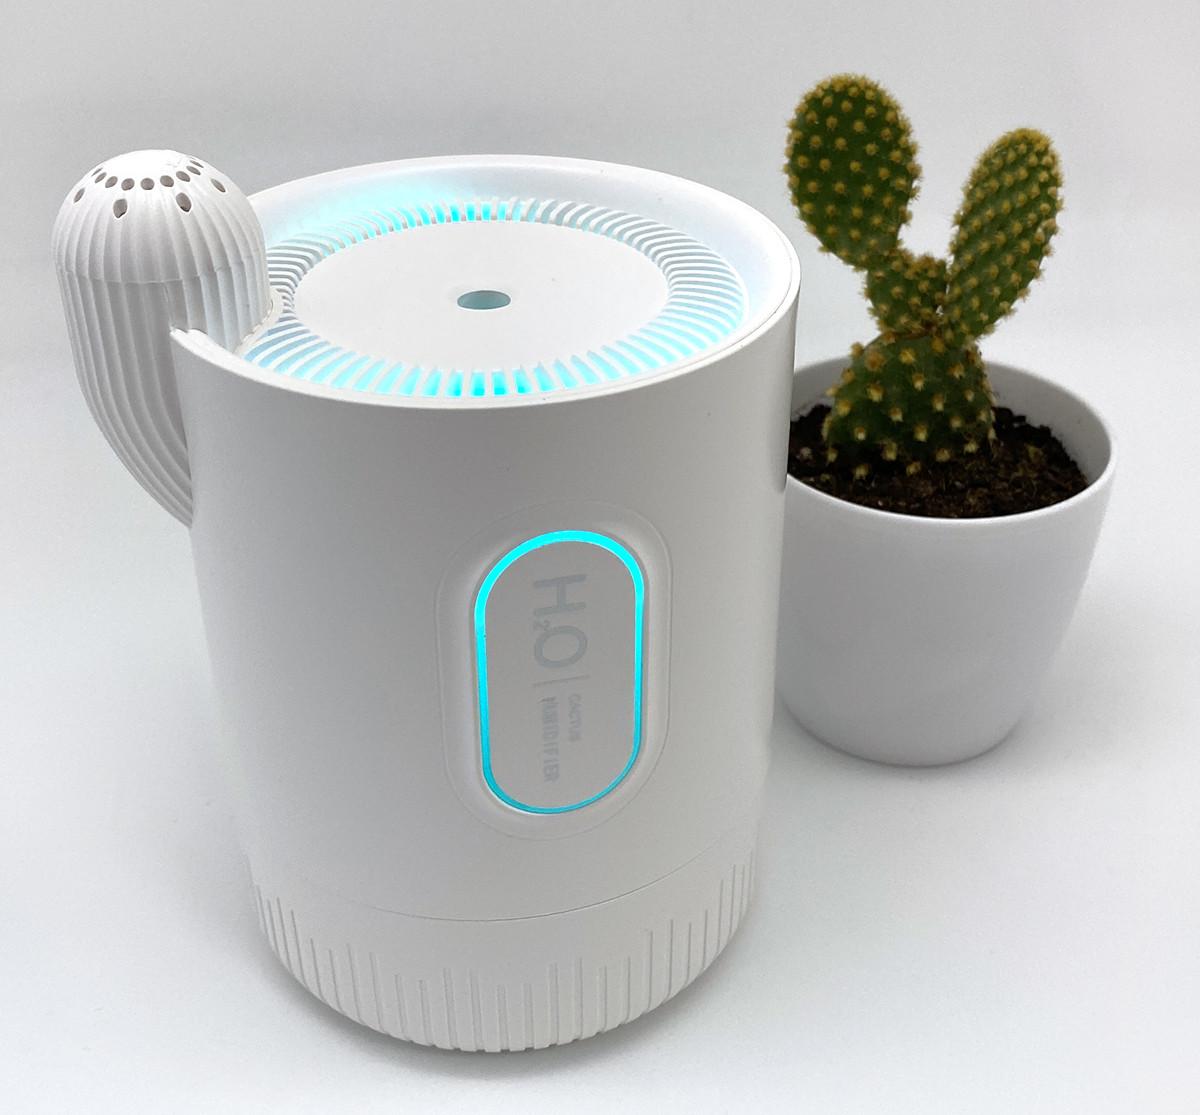 Увлажнитель воздуха аромадиффузор Wi-Aroma. Диффузор увлажнитель для арома-терапии беспроводной